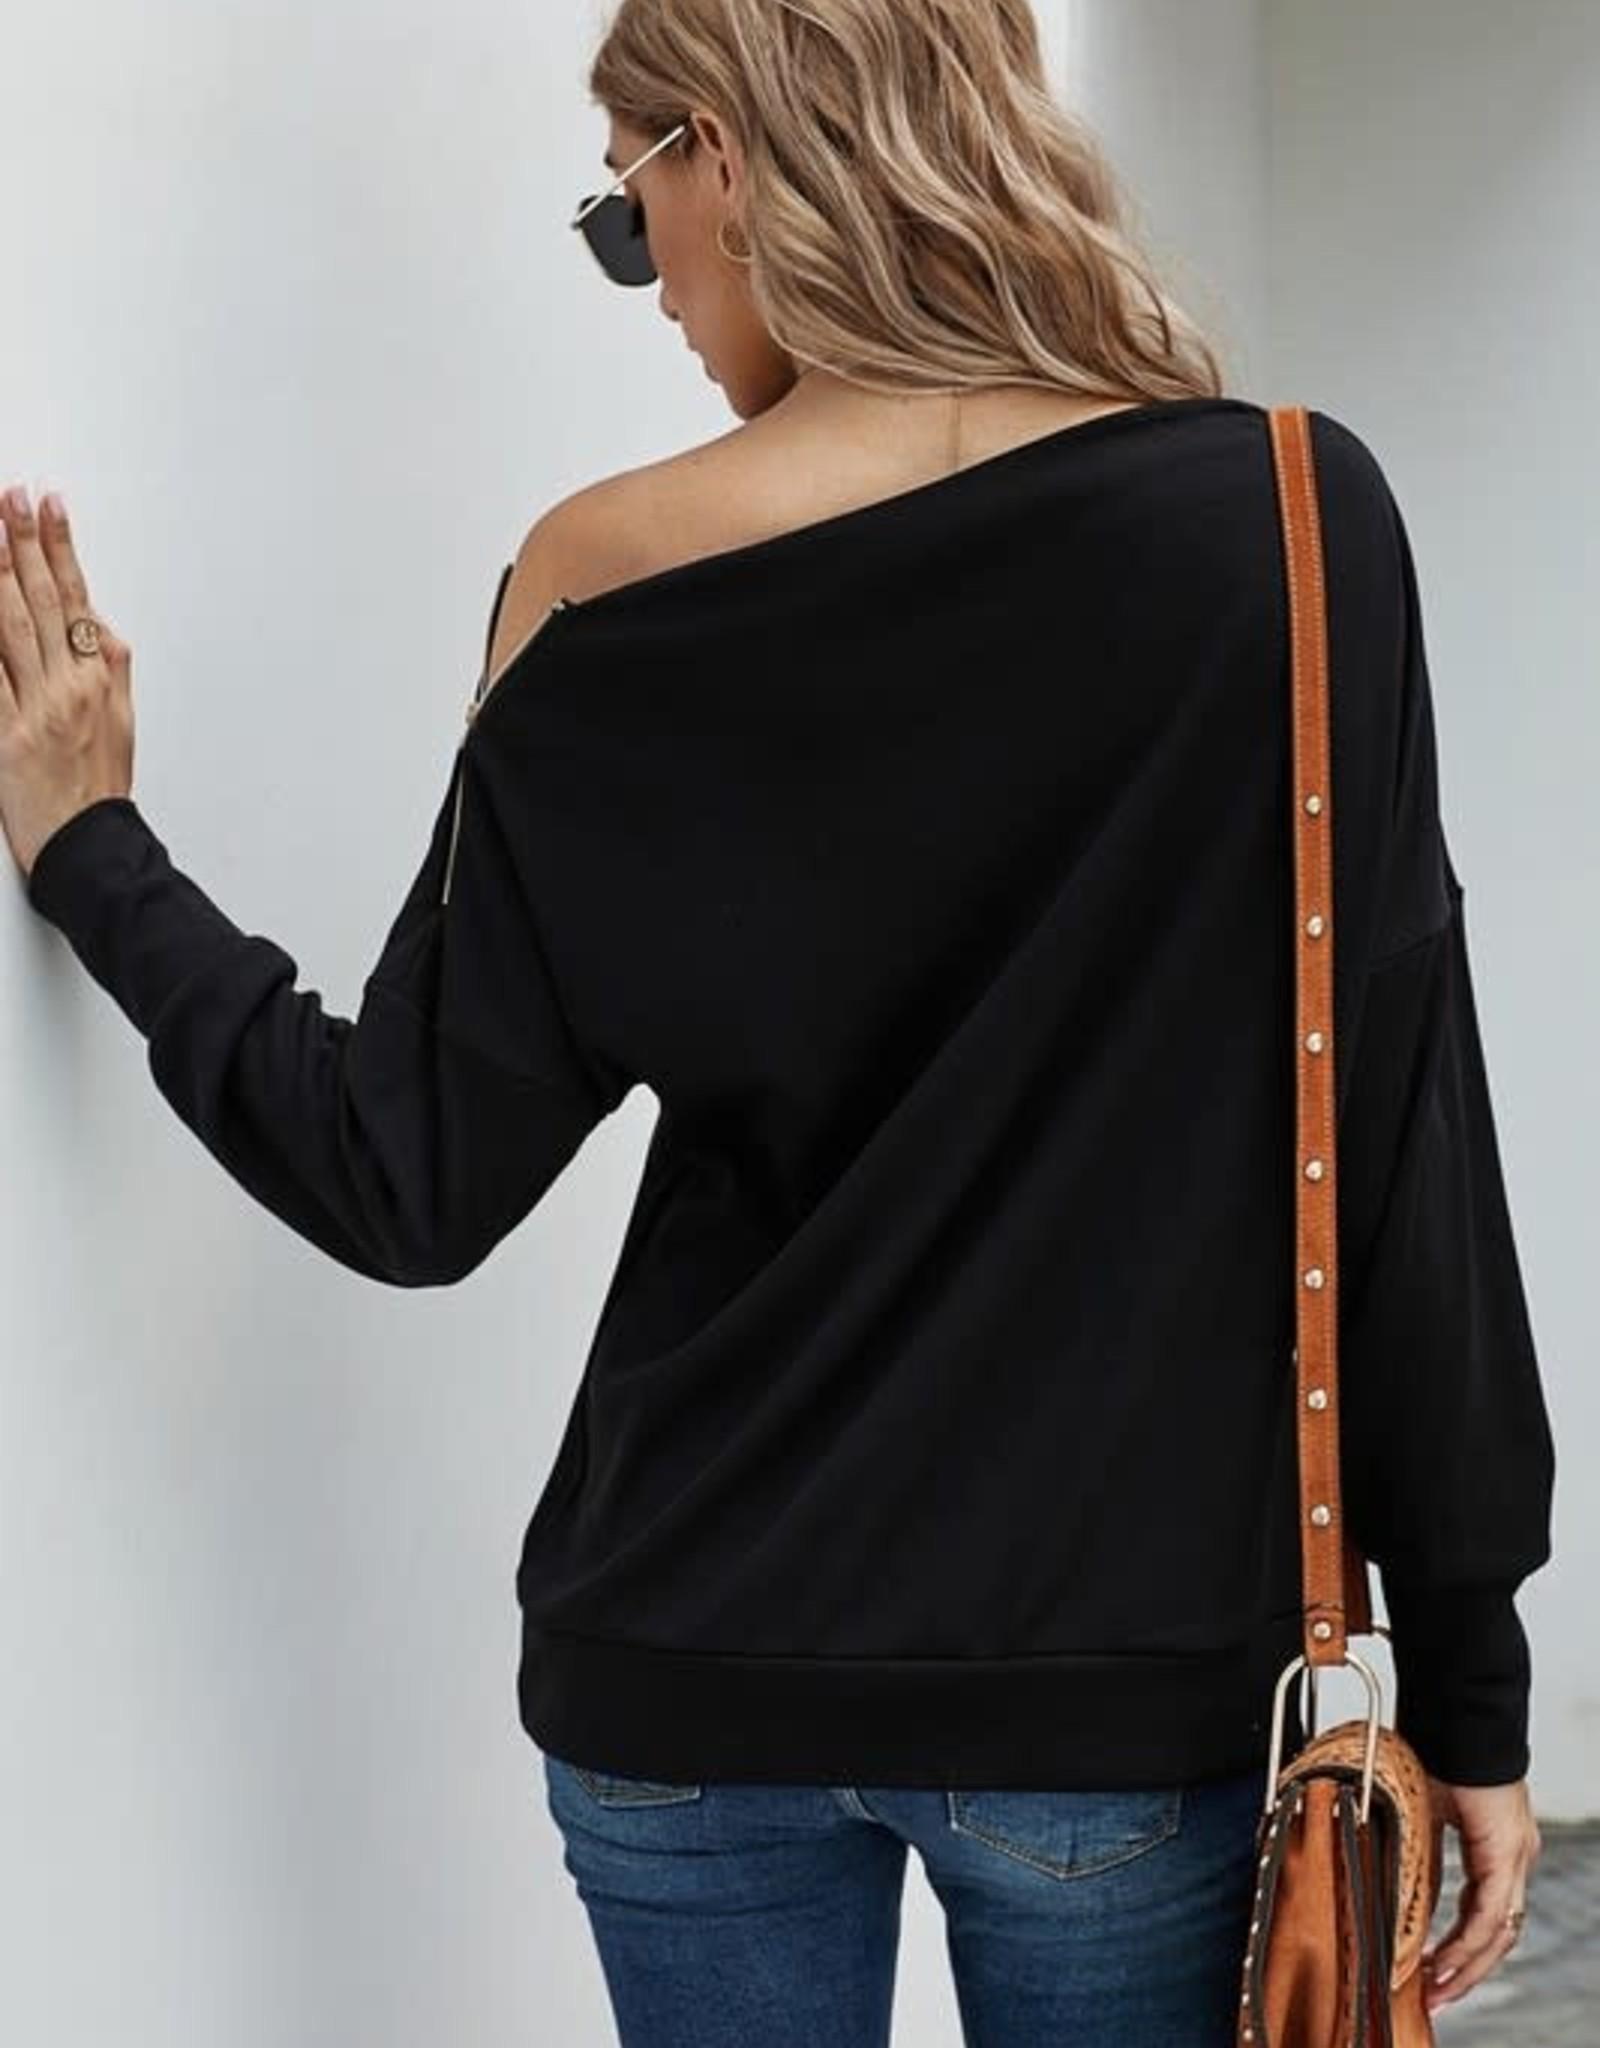 TLC YM253746  ribbed knit zip top